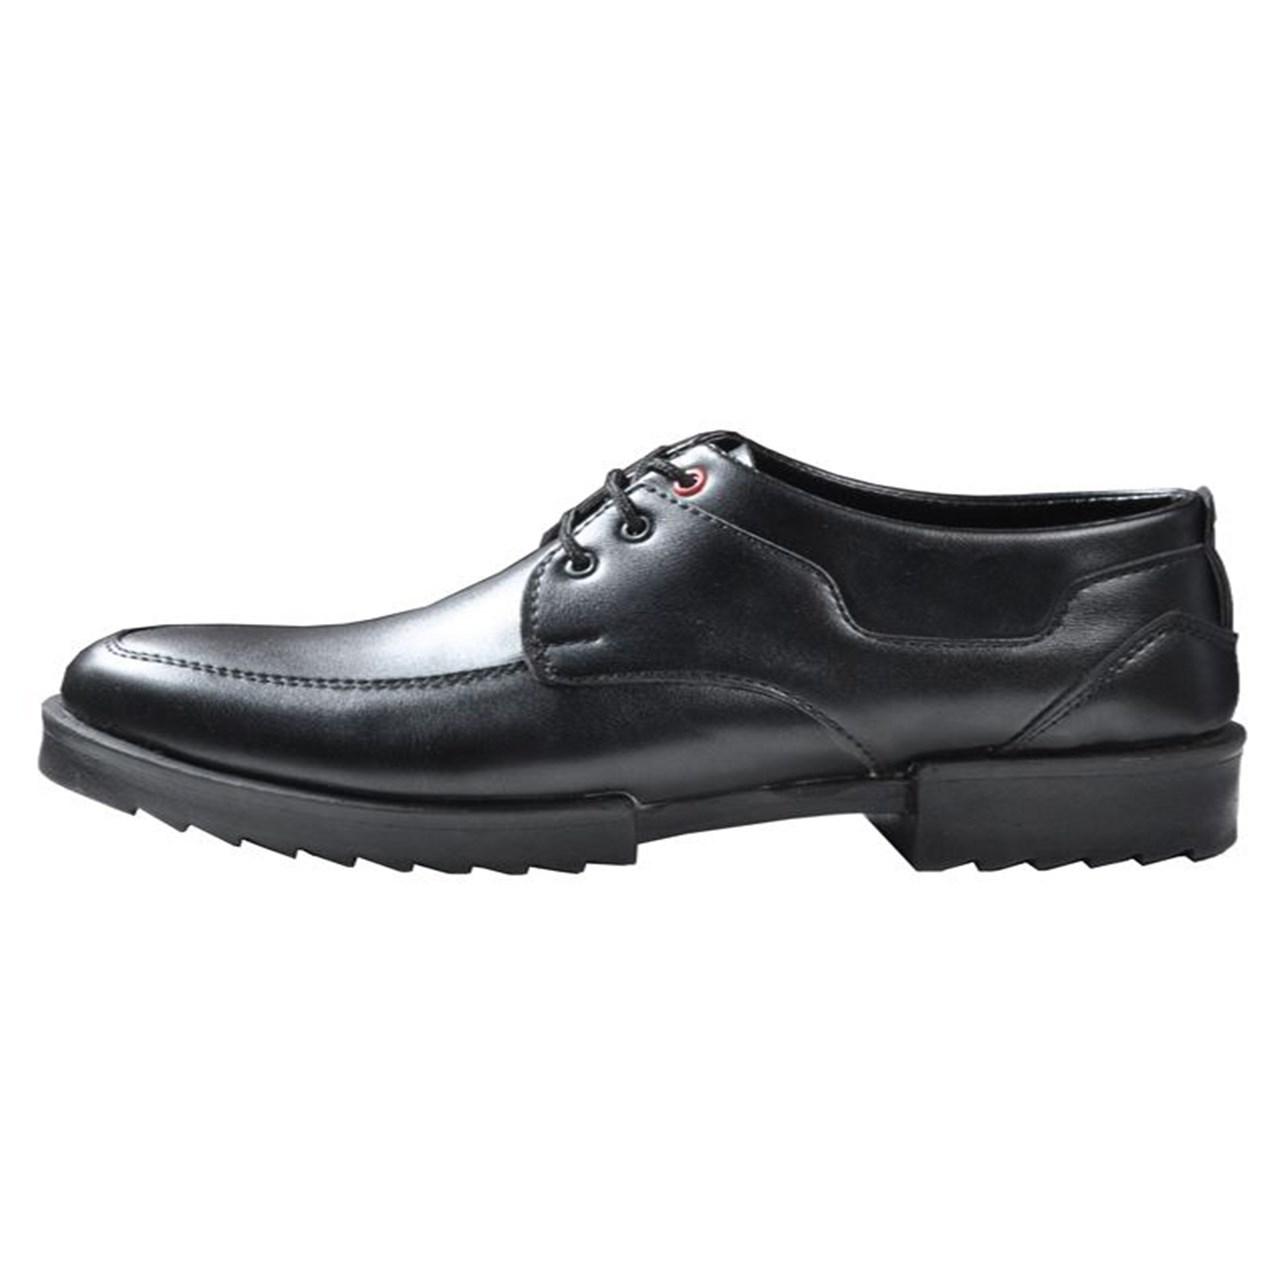 کفش کالج چرم مهاجر  مردانه مدل M20M